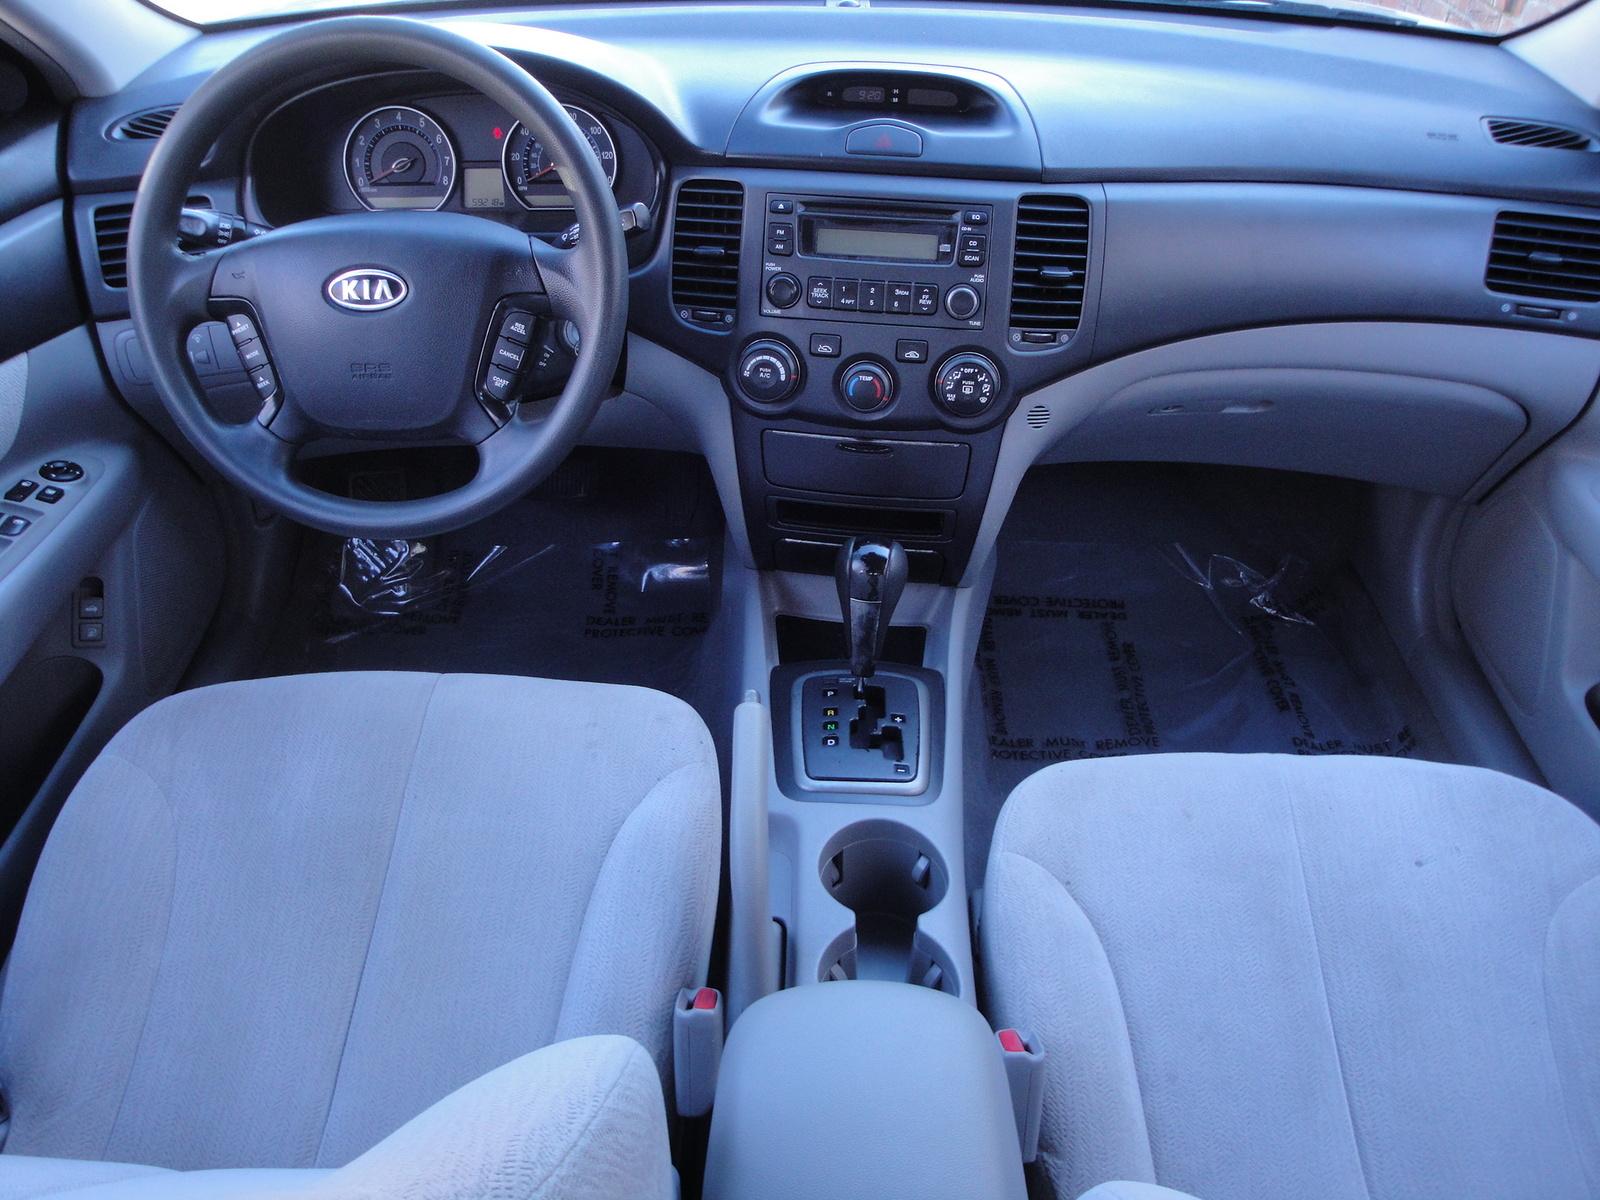 2006 Kia Optima Interior Pictures Cargurus